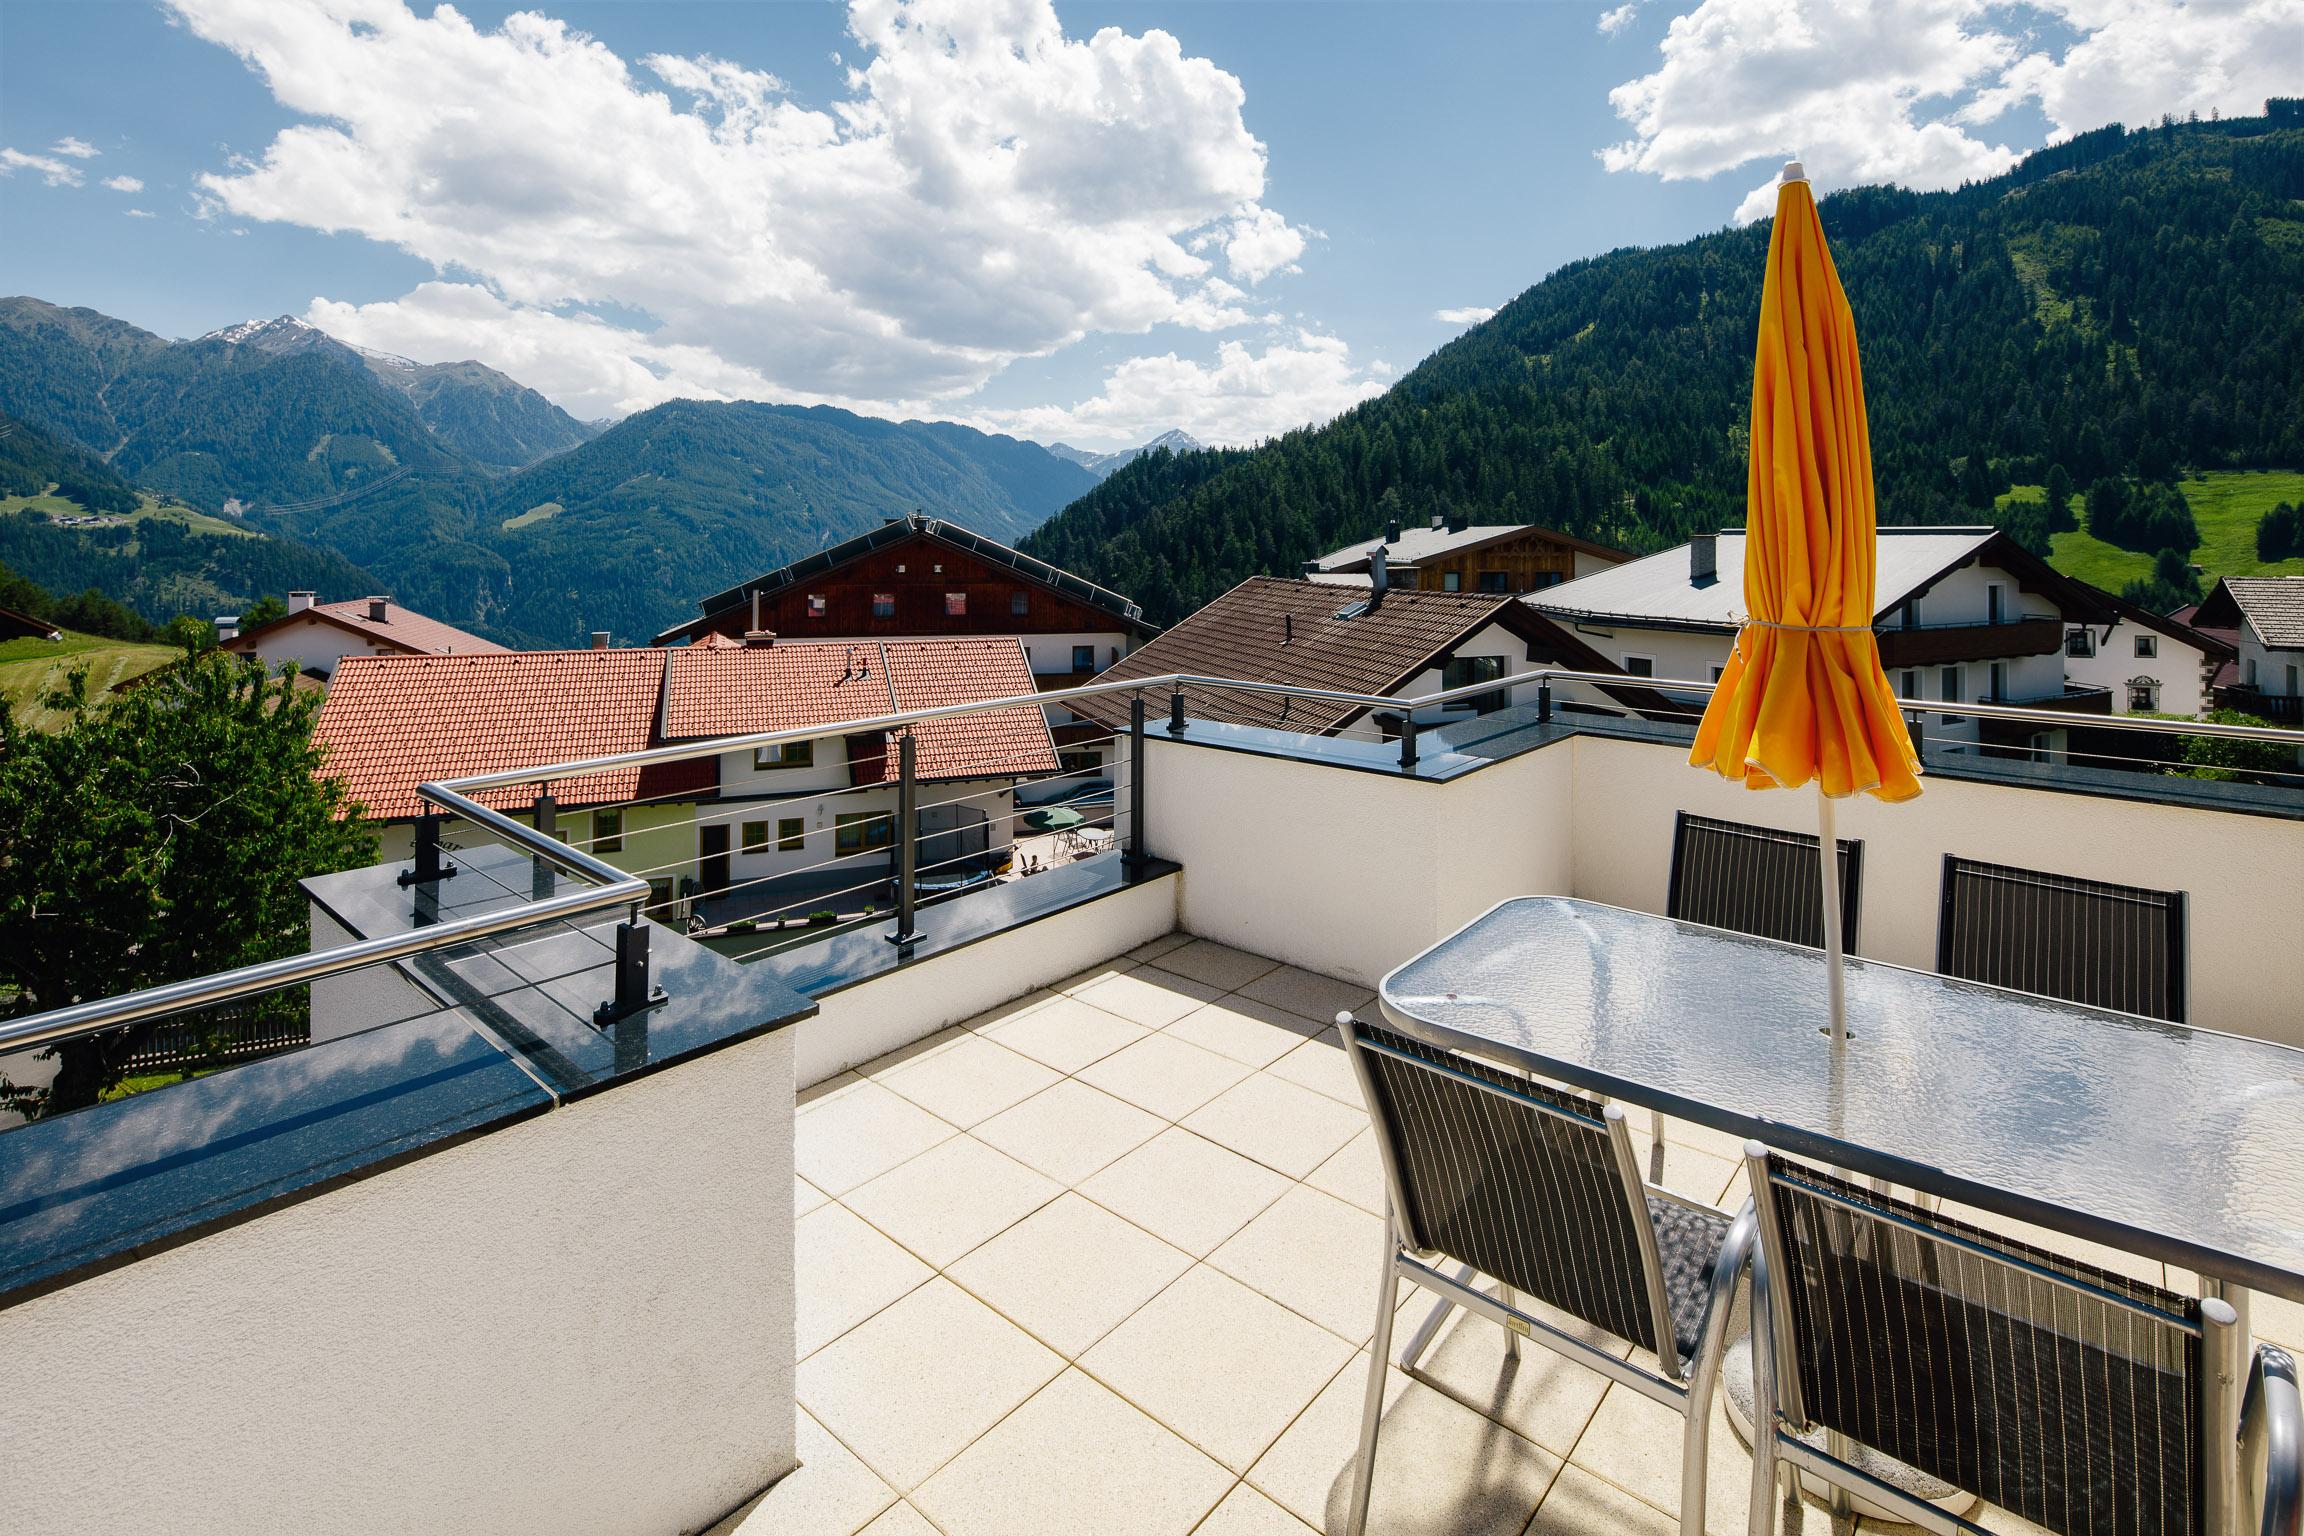 Apartments S-Platzl Terasse